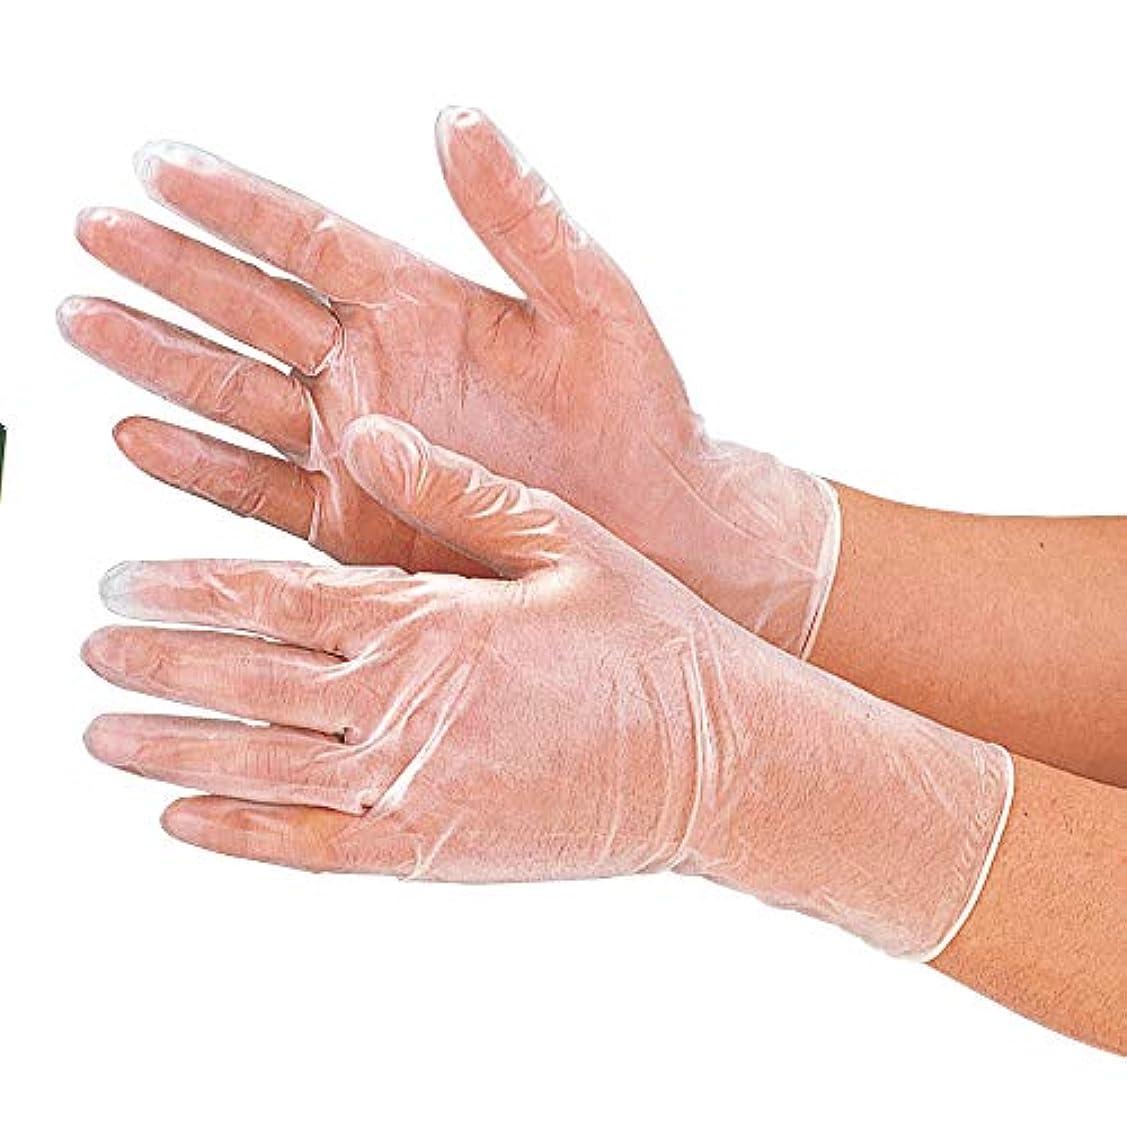 無条件なんでも撃退するおたふく手袋 プラスチックディスポ手袋 100枚入り #255 S/M/L